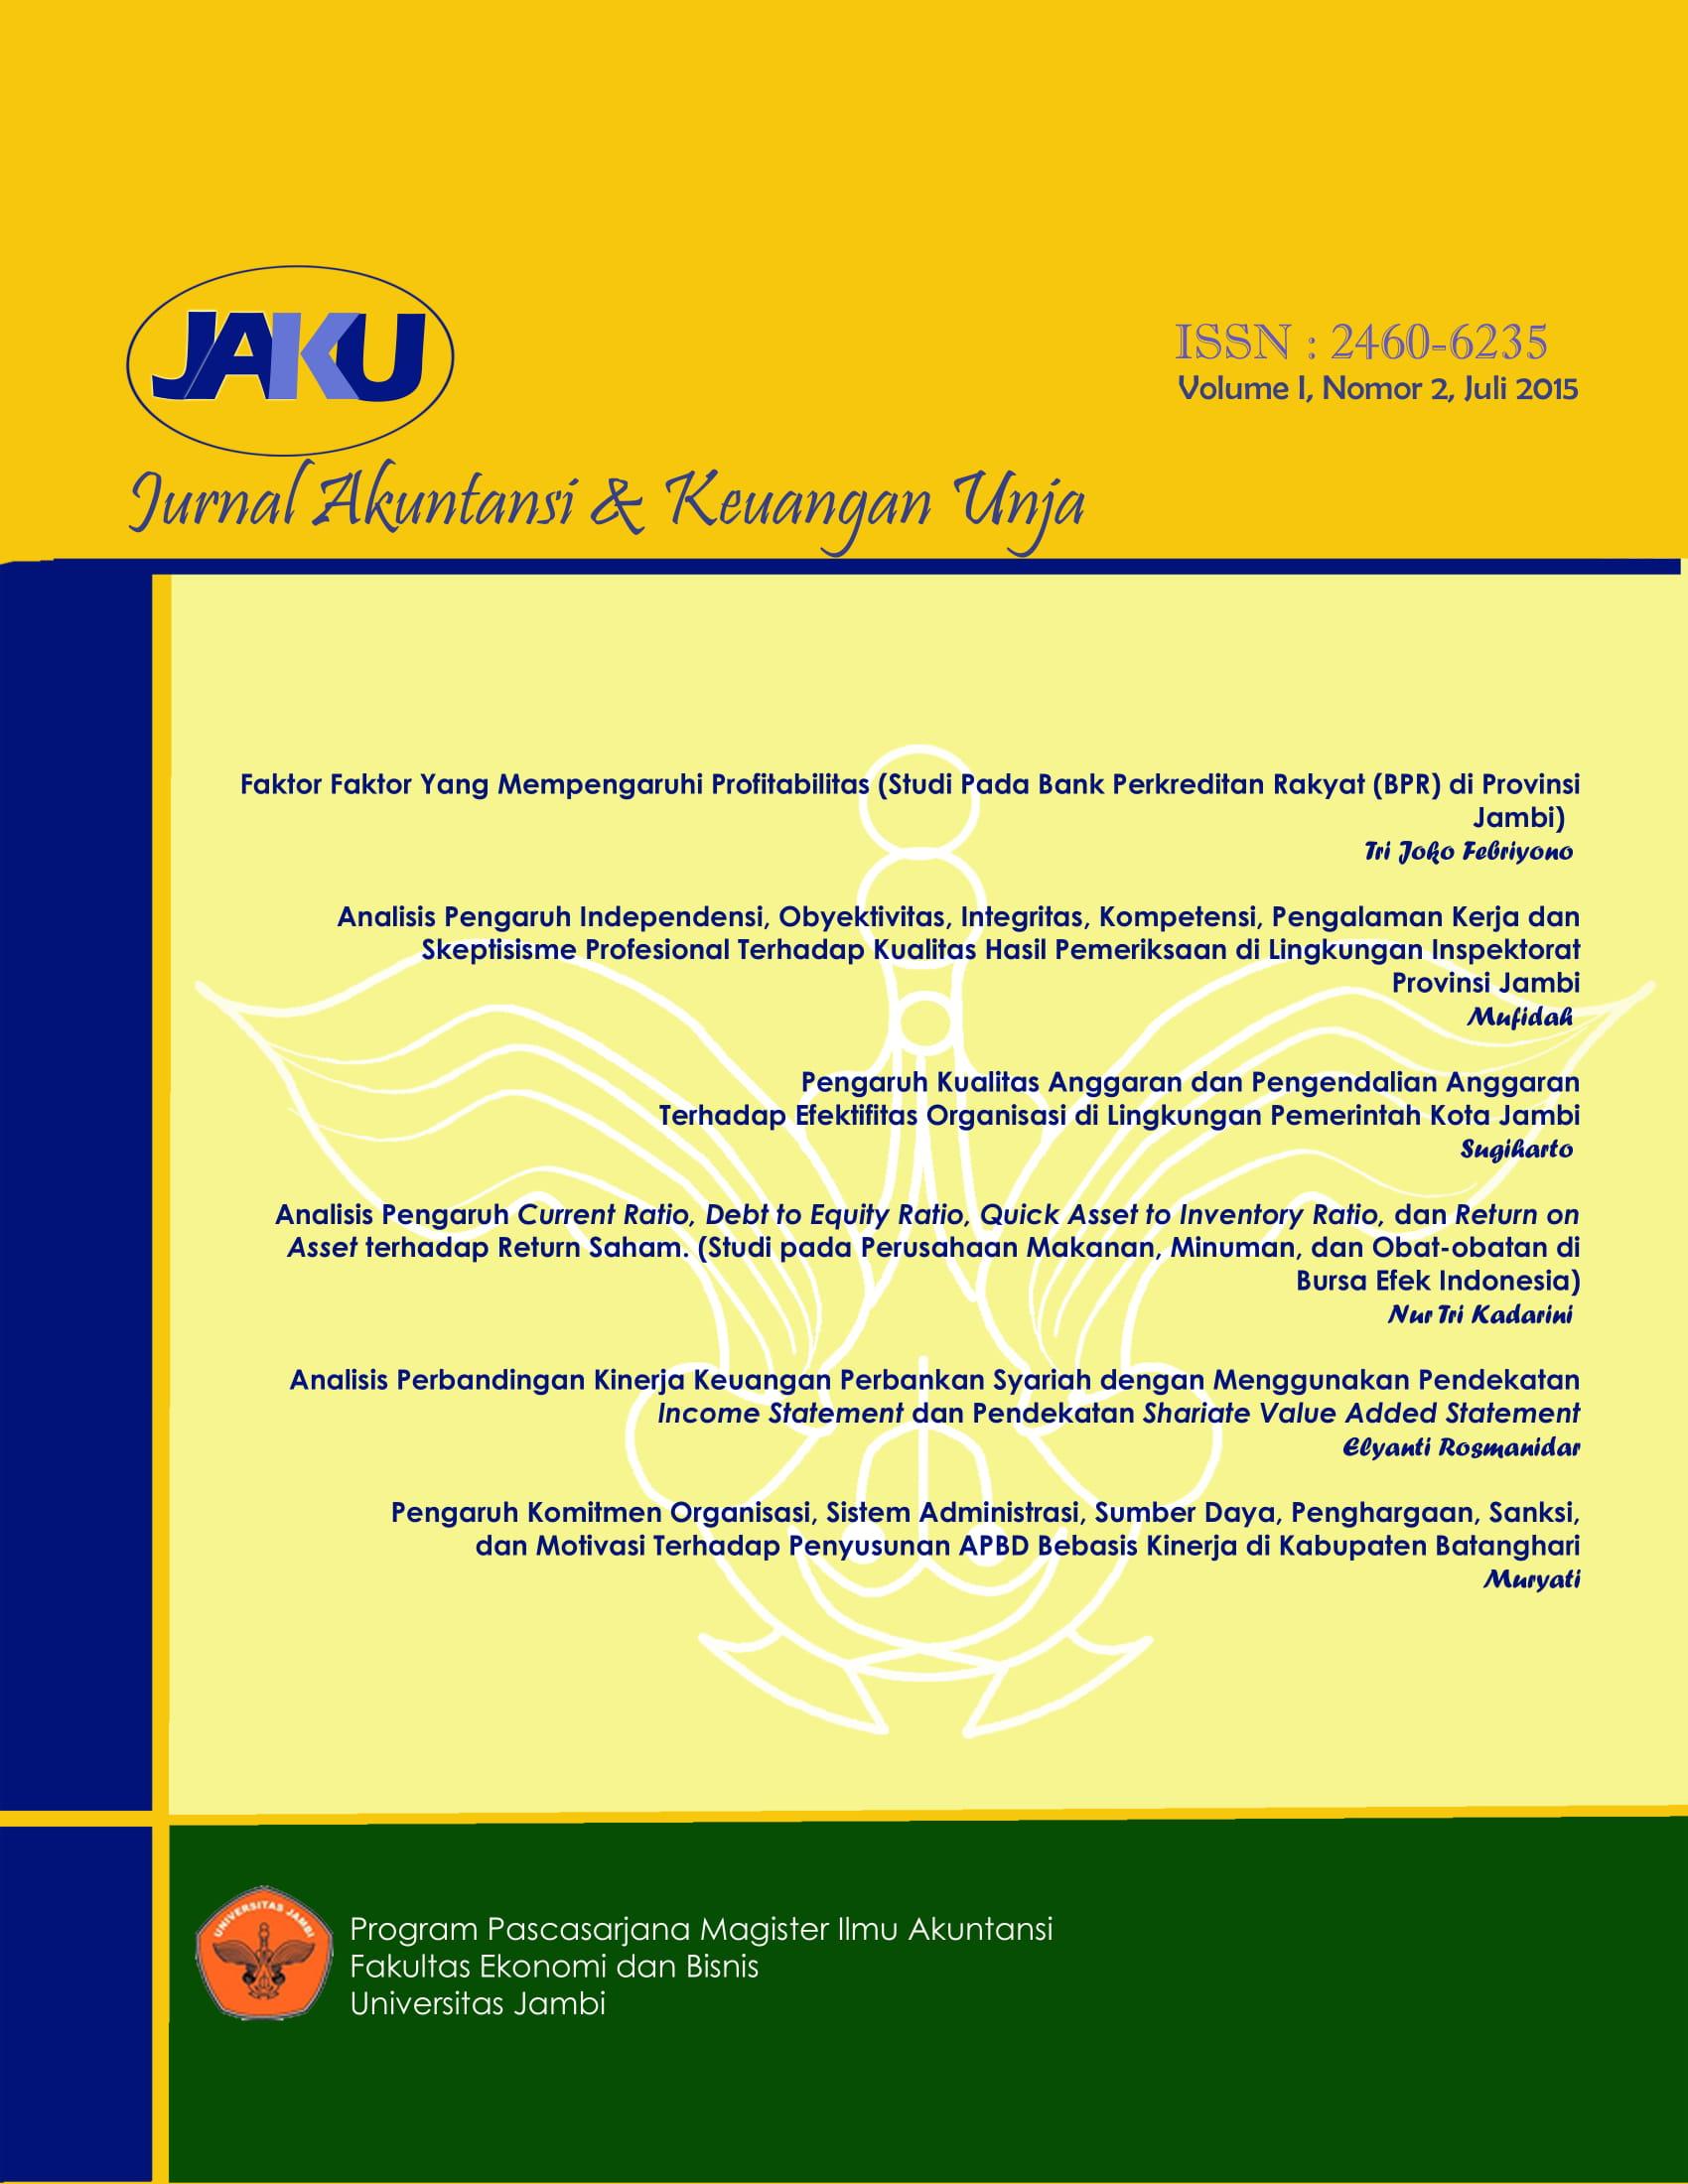 View Vol. 1 No. 2 (2015): Jurnal Akuntansi & Keuangan Unja